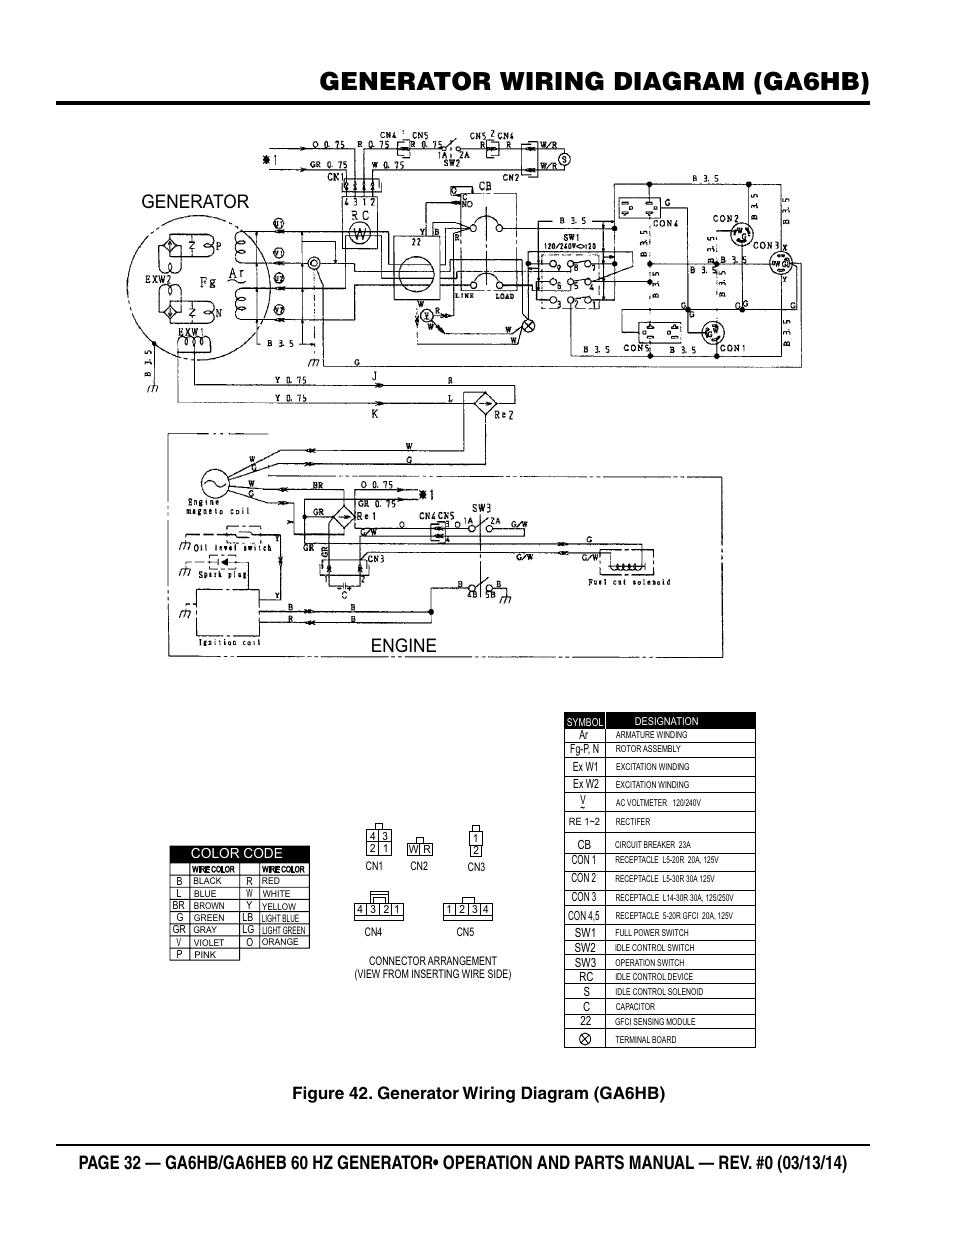 hight resolution of generator wiring diagram ga6hb generator engine figure 42 generator wiring diagram ga6hb multiquip ga 6heb user manual page 32 86